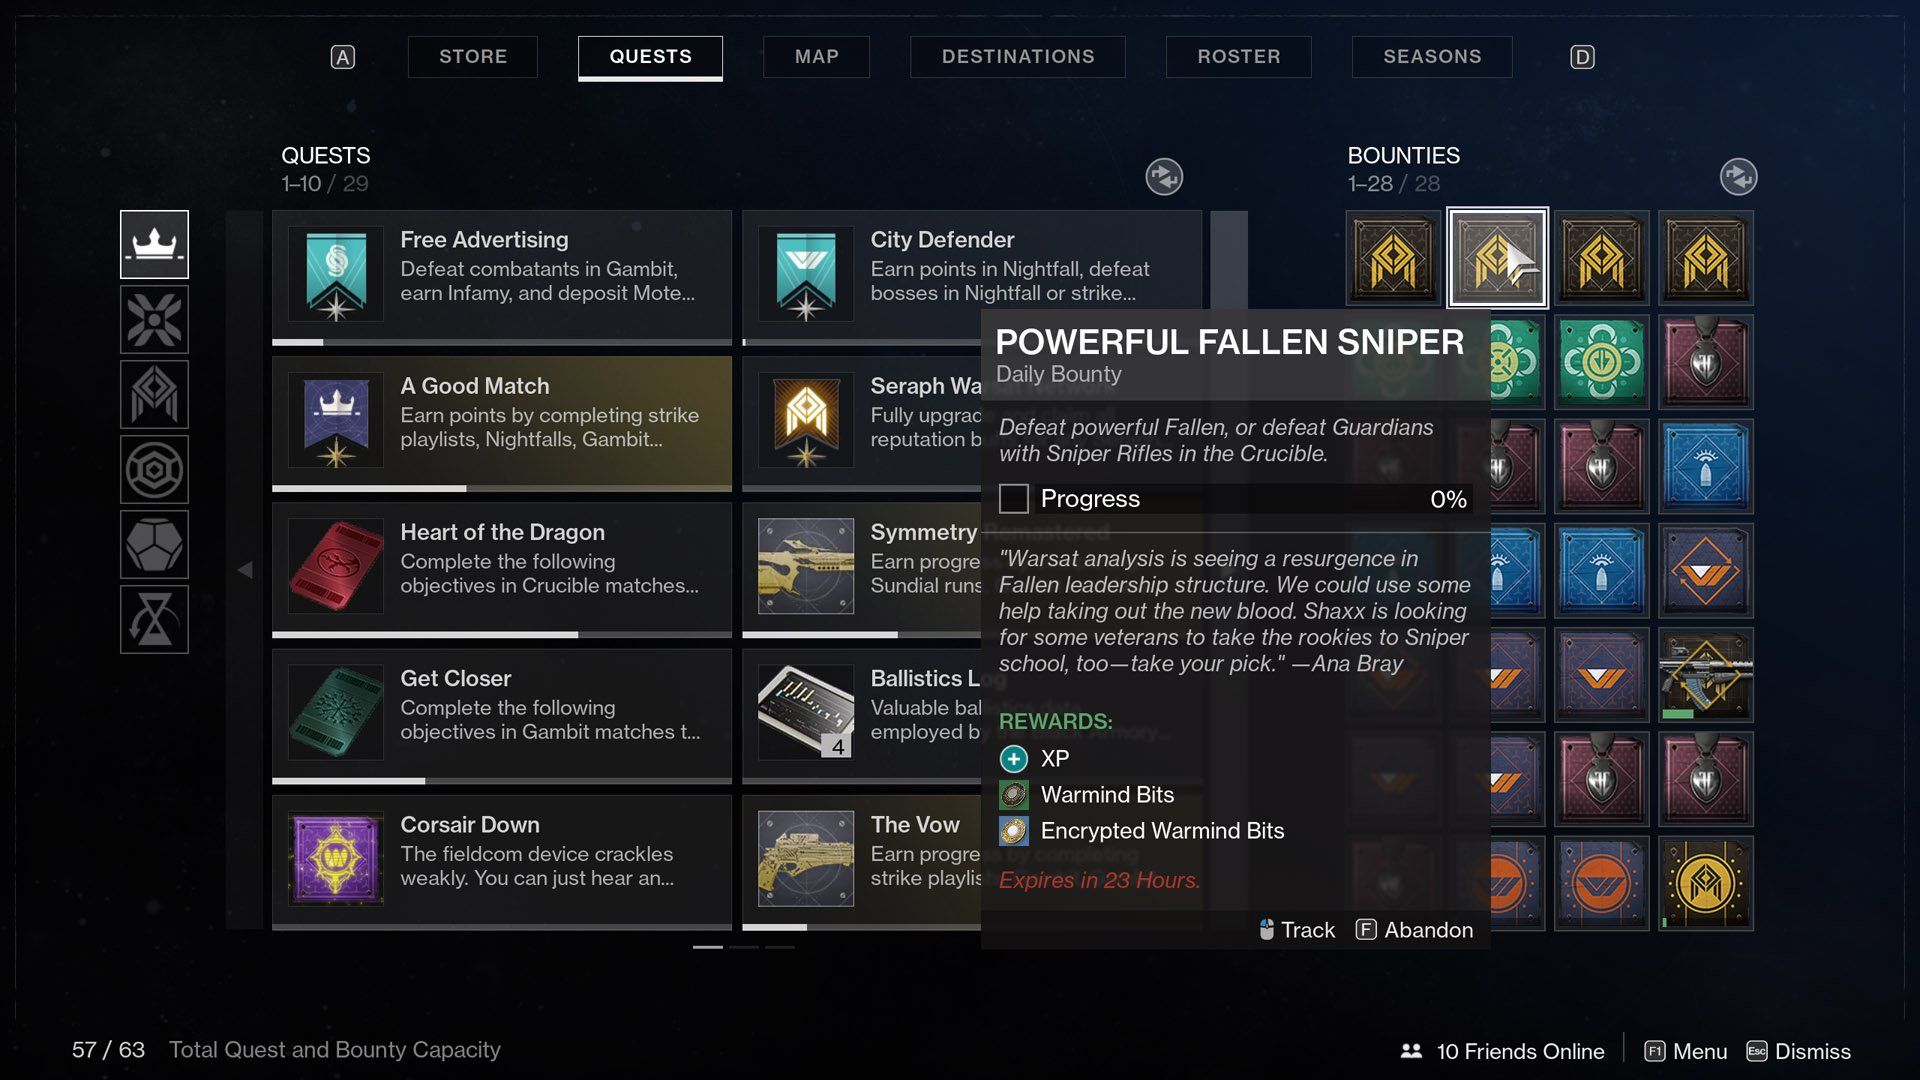 Powerful Fallen Sniper Destiny 2